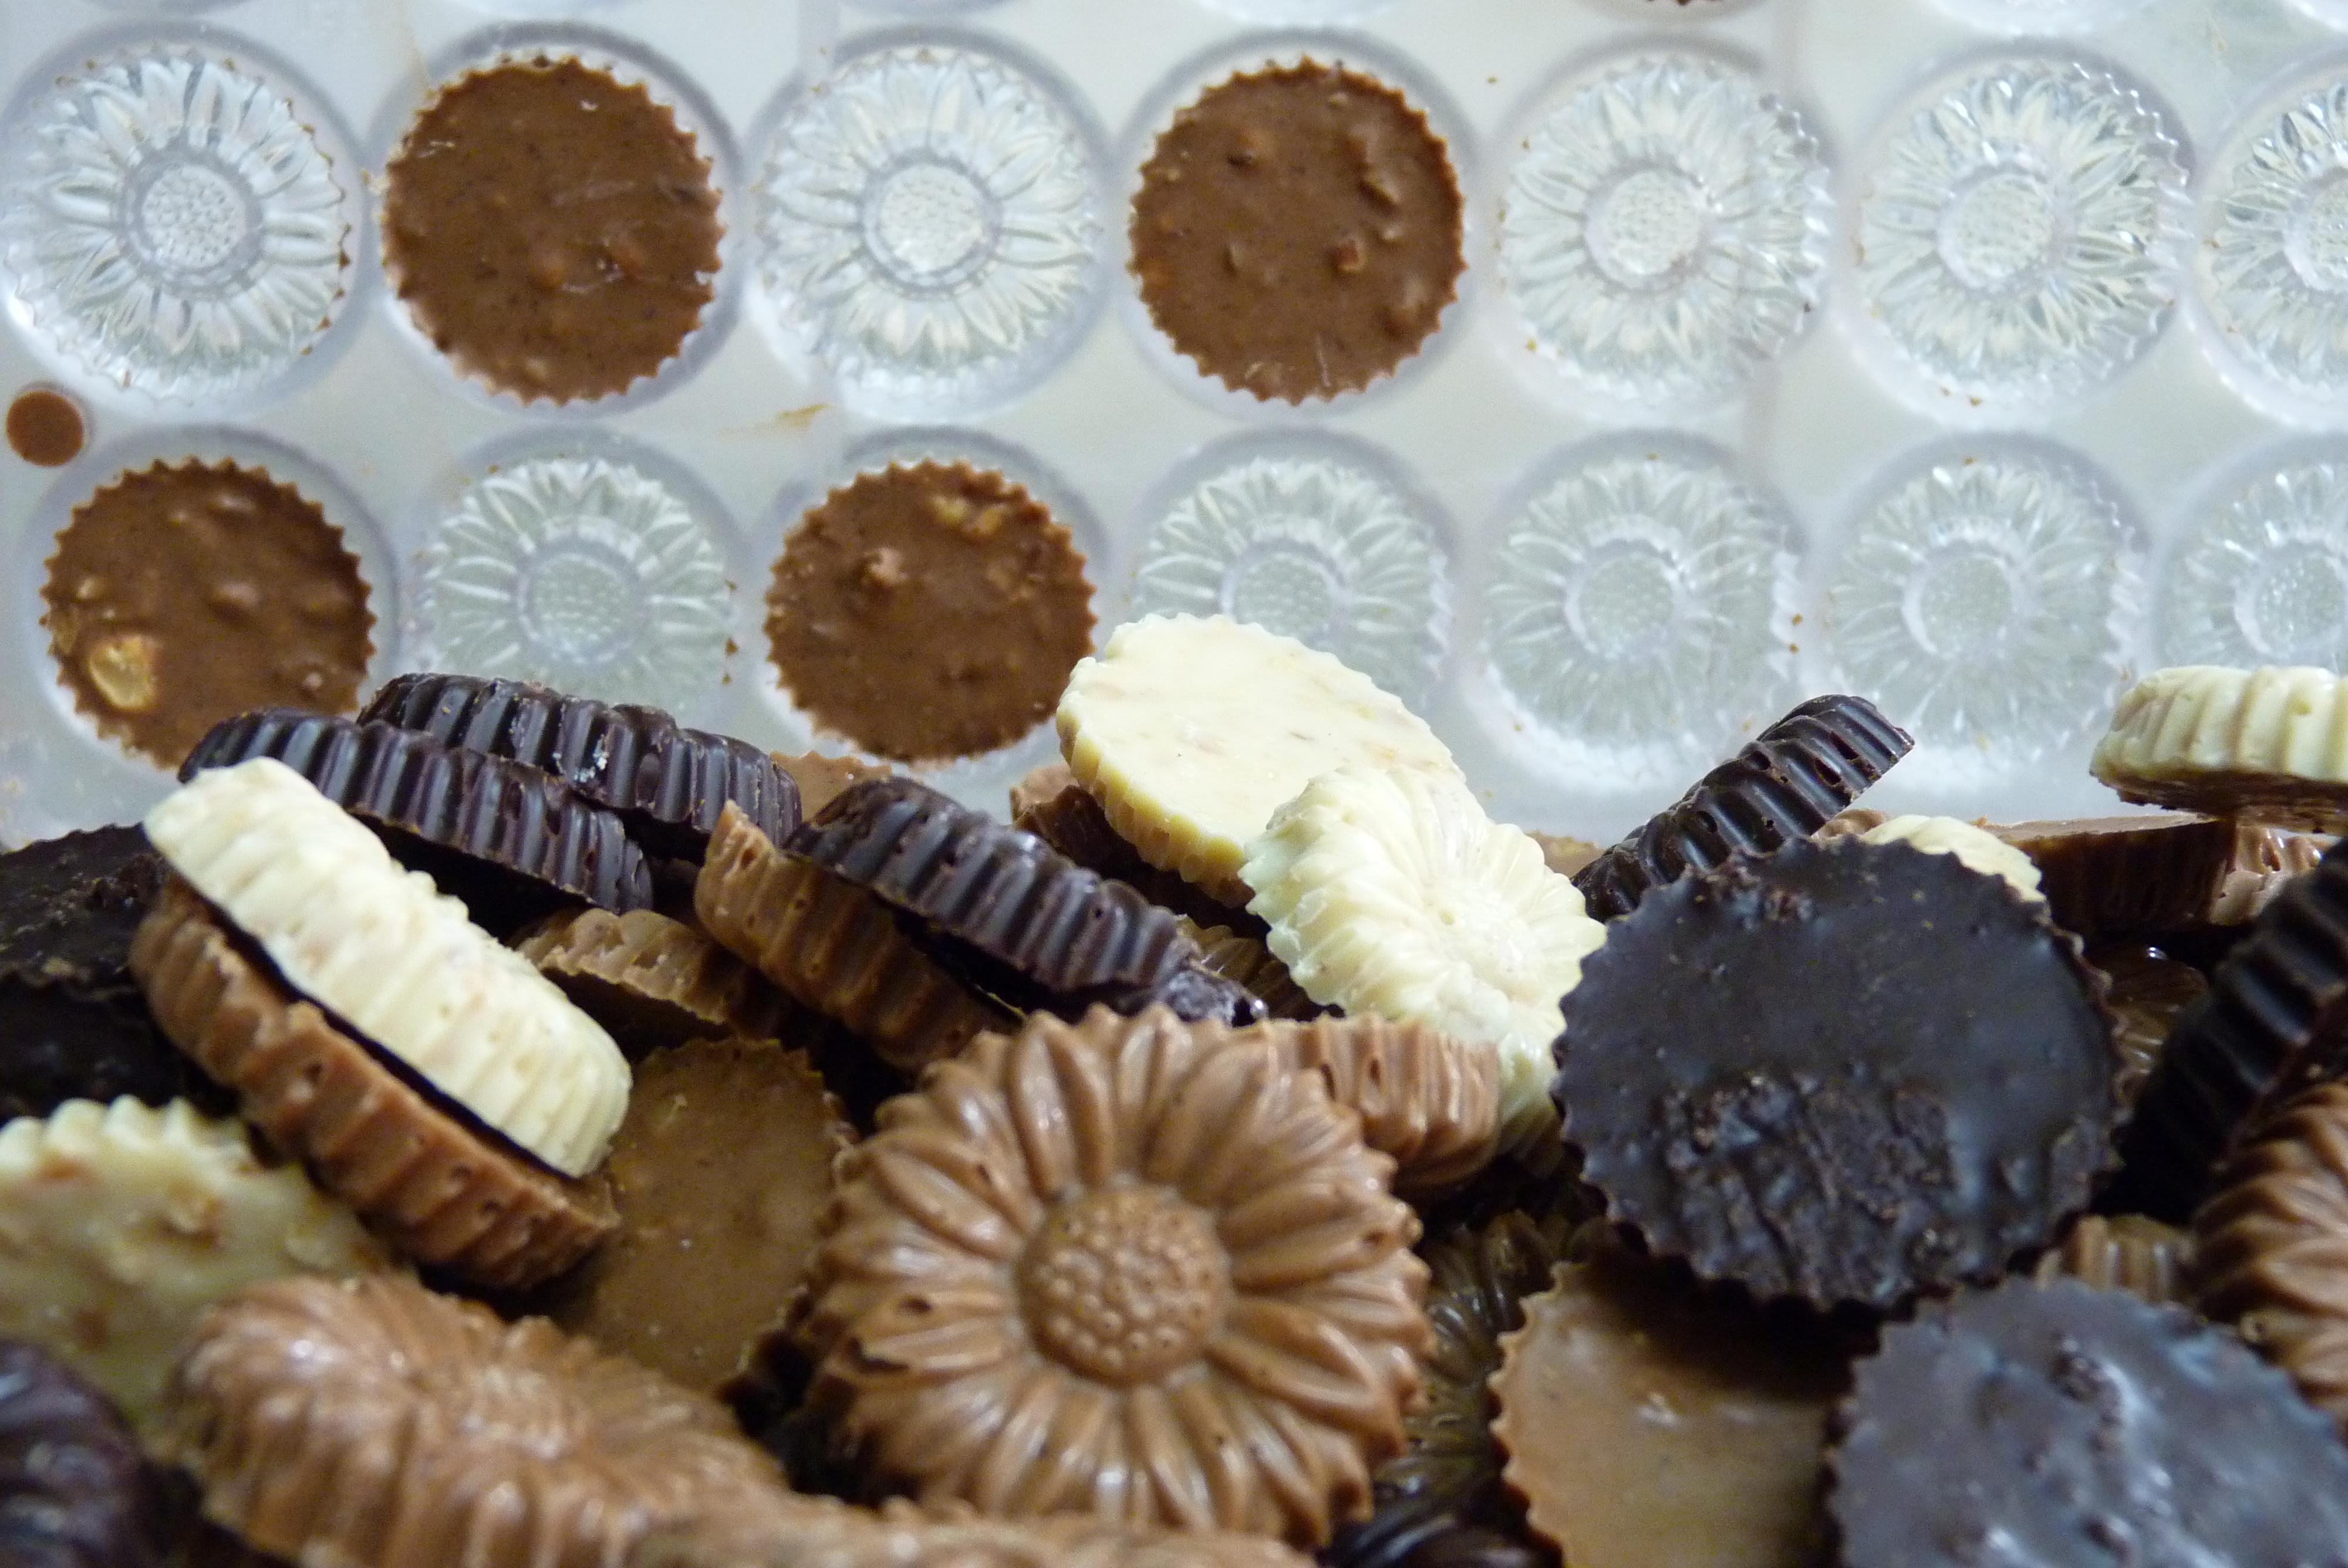 marguerites de valois chocolat letuffe en bateau charente en croisiere inter croisieres sireuil nicols.JPG